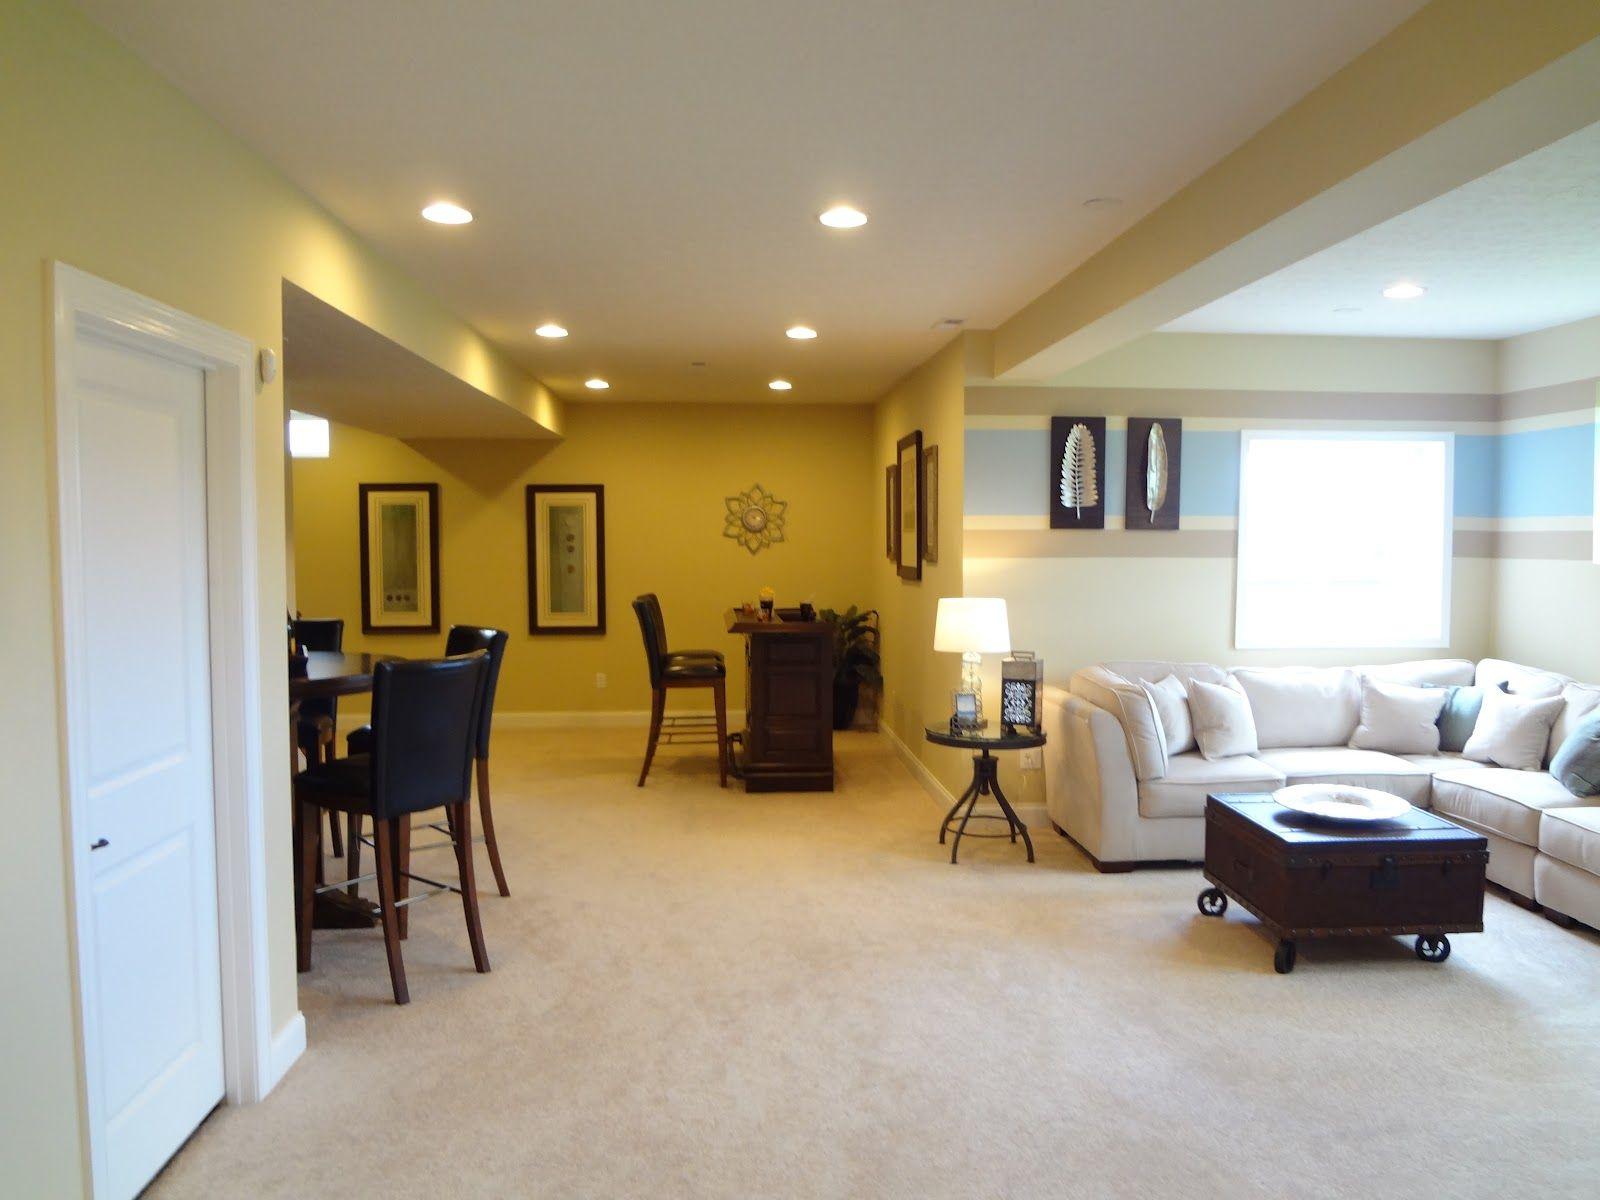 Finished Basement Finishing Basement Home New Homes